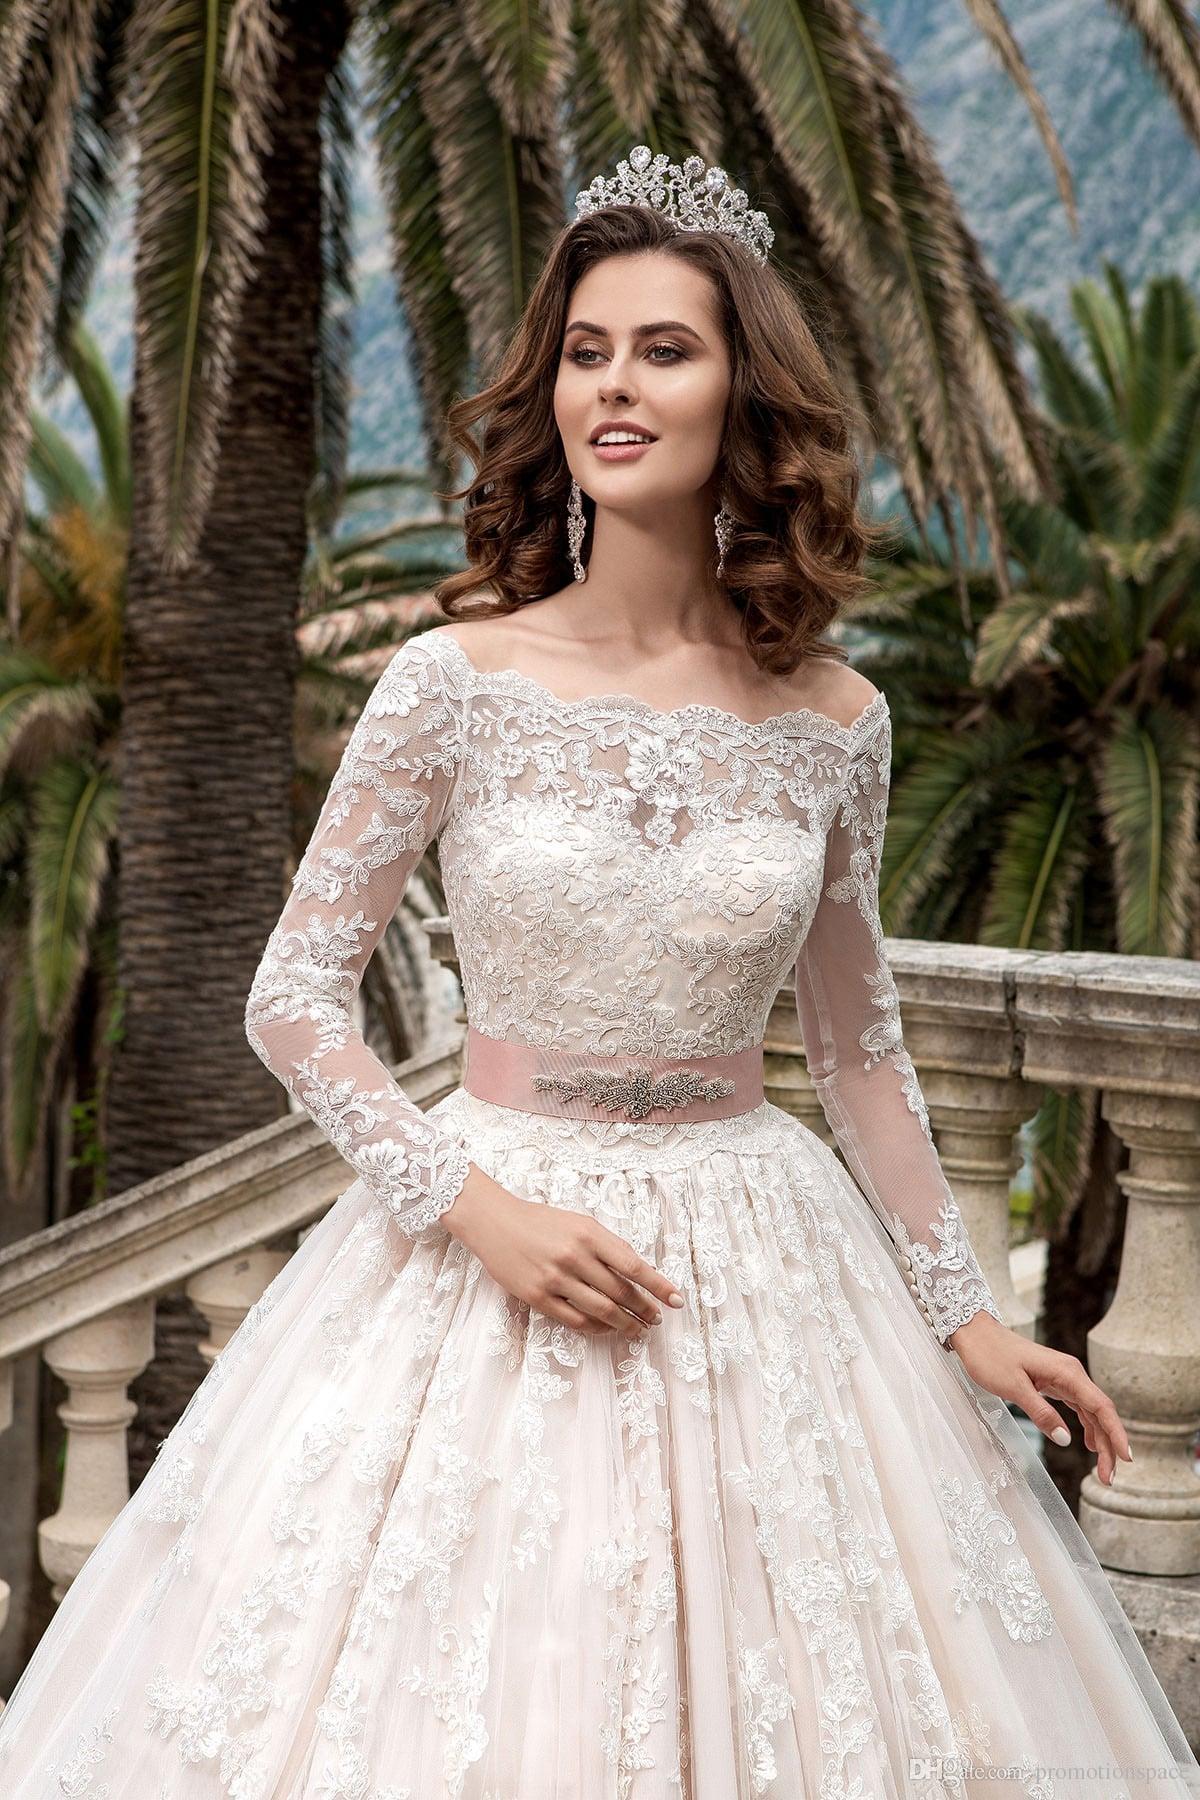 2018 Abiti da sposa in pizzo a maniche lunghe mozzafiato Vestidos De Noiva Abito da sposa in abito da ballo Pricess Custom Made Abiti da sposa vintage